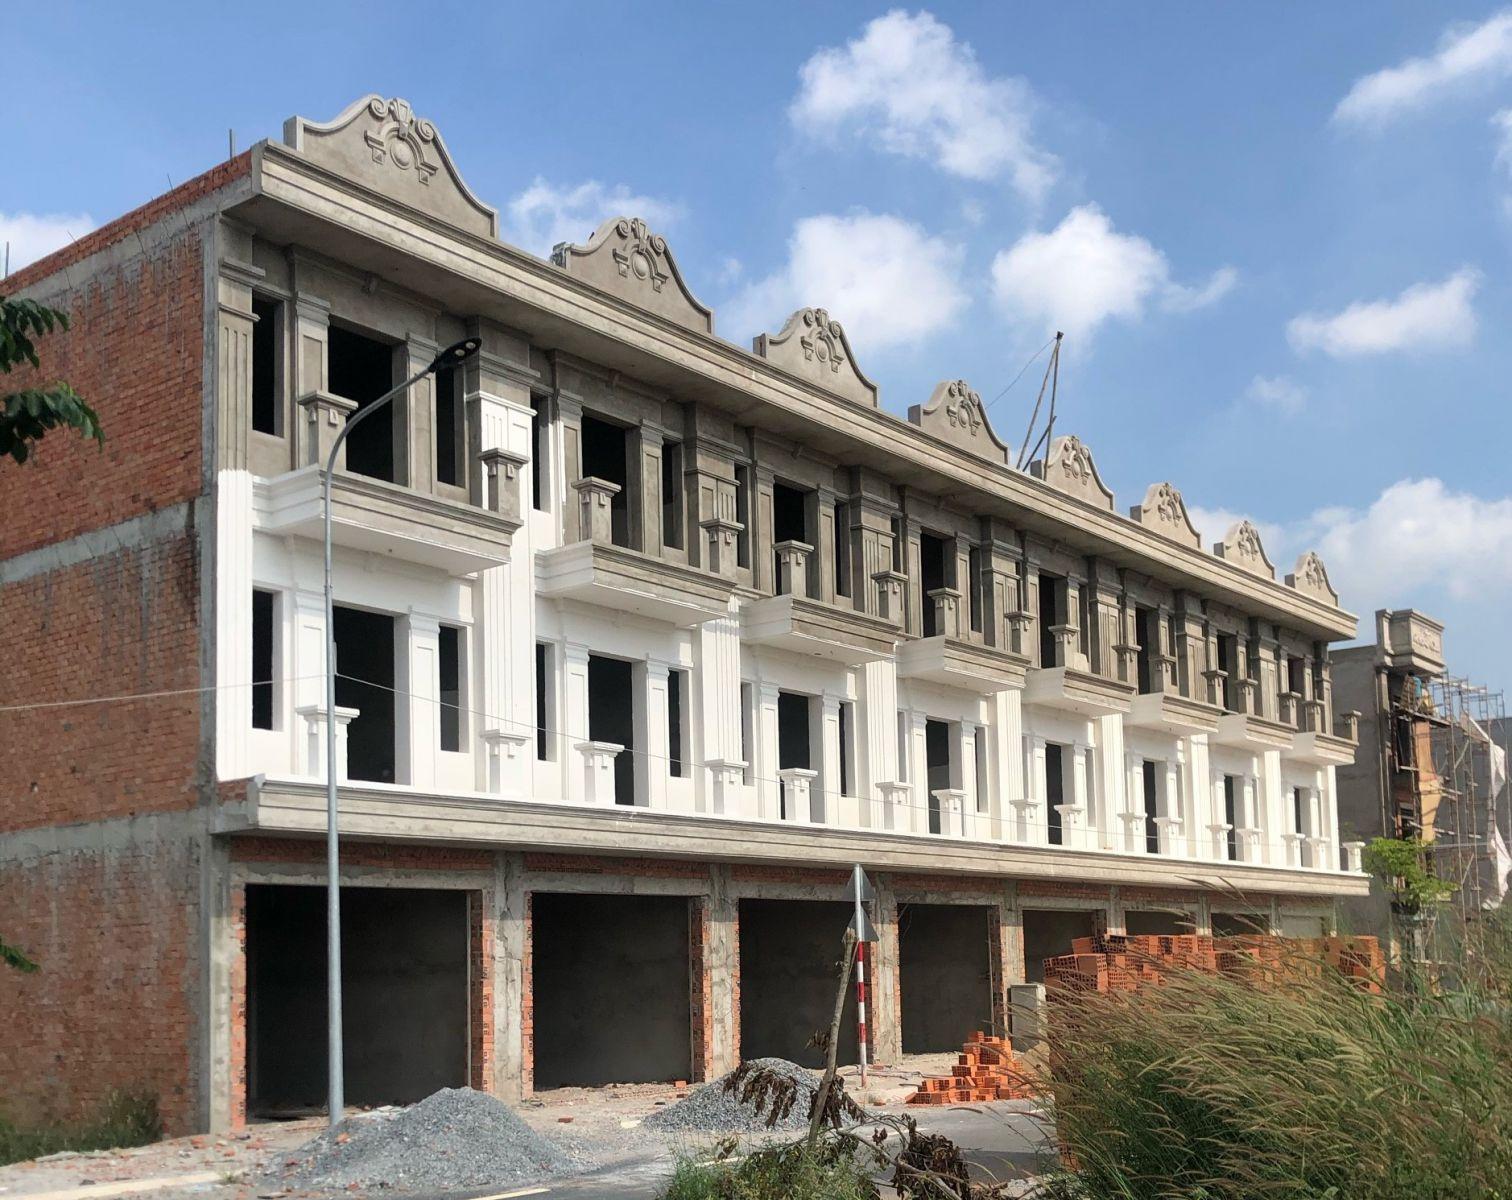 thiết kế và xây dựng biệt thự Phường Tân Vĩnh Hiệp